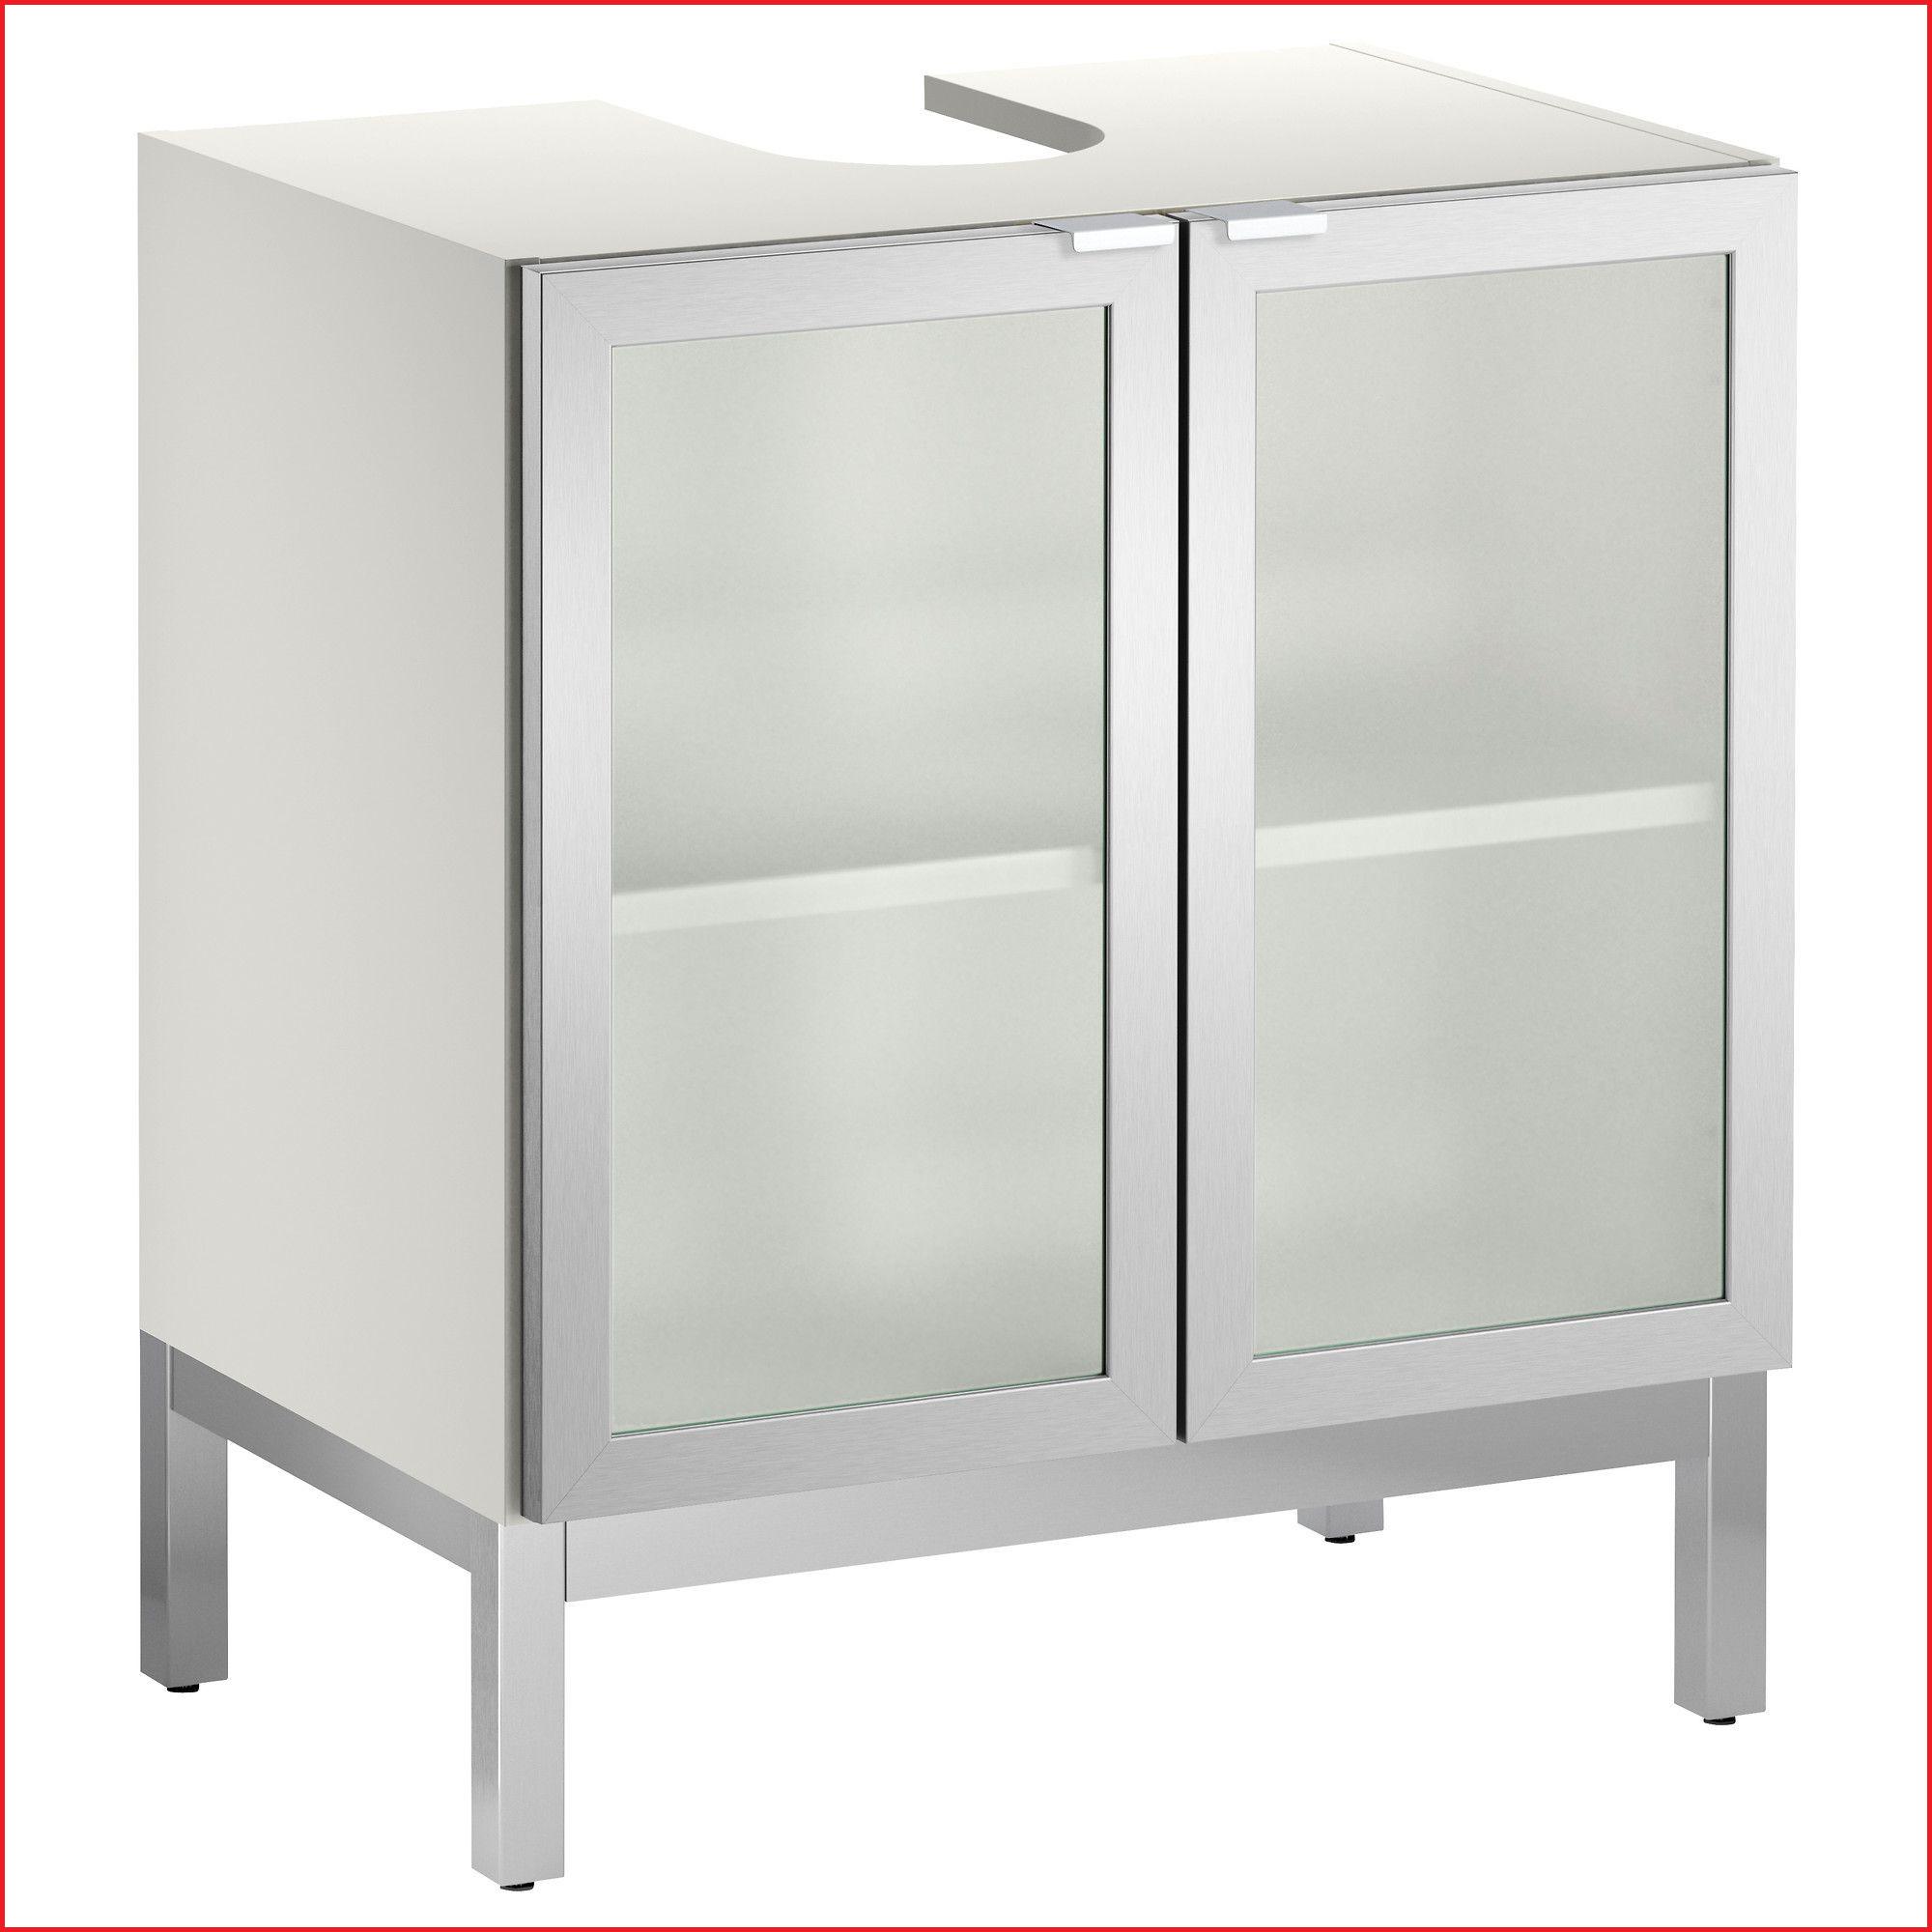 Archivador Metalico Ikea Drdp Armario Archivador Ikea Lill Ngen Armario Lavabo 2 Puertas